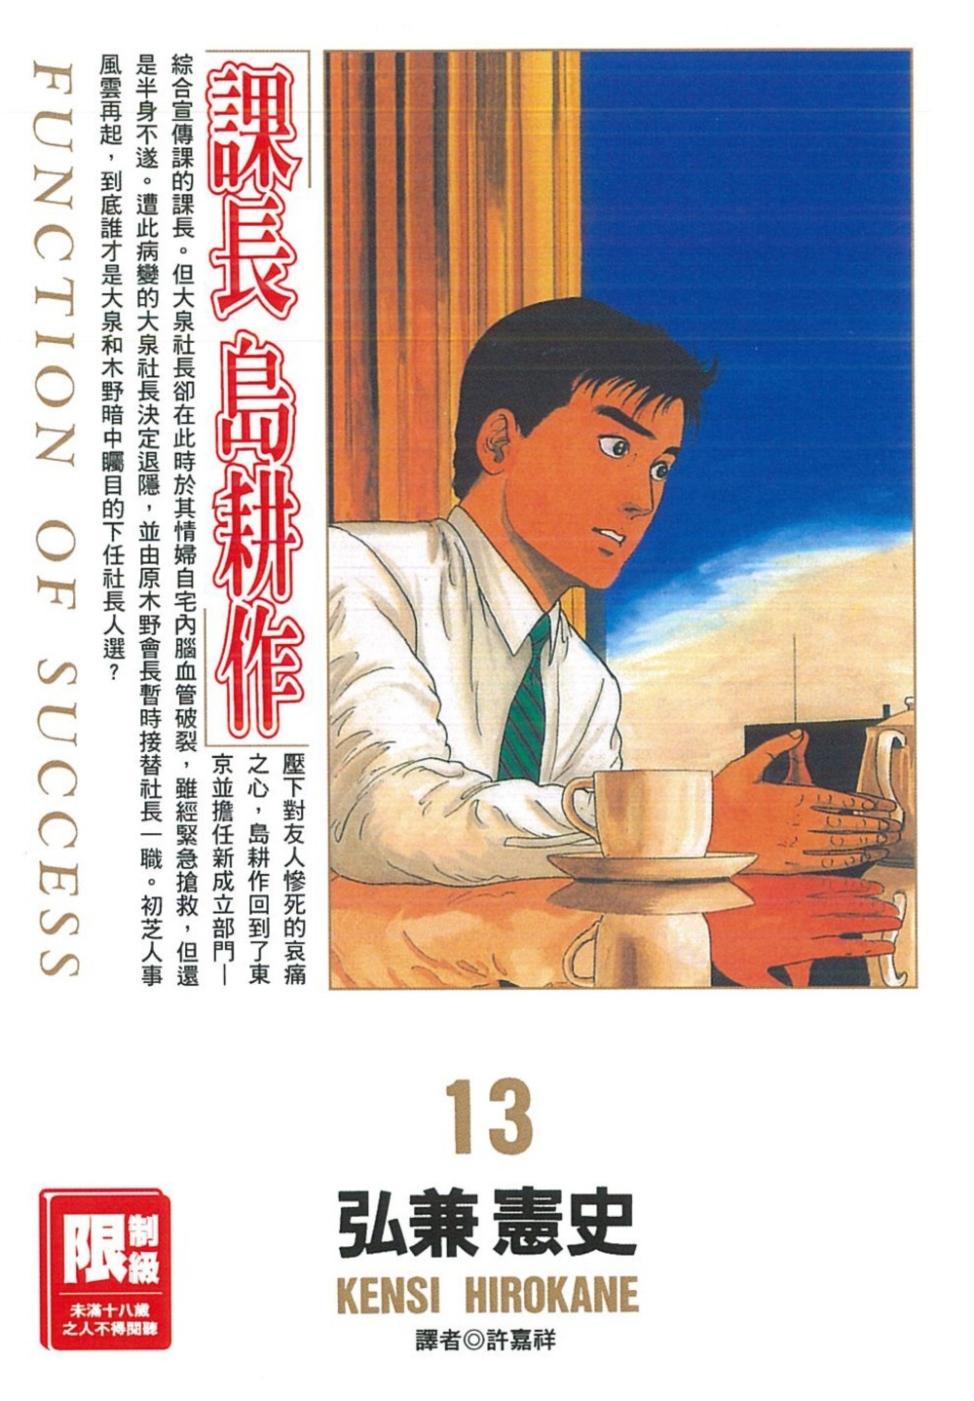 課長島耕作(13)(限)(限台...